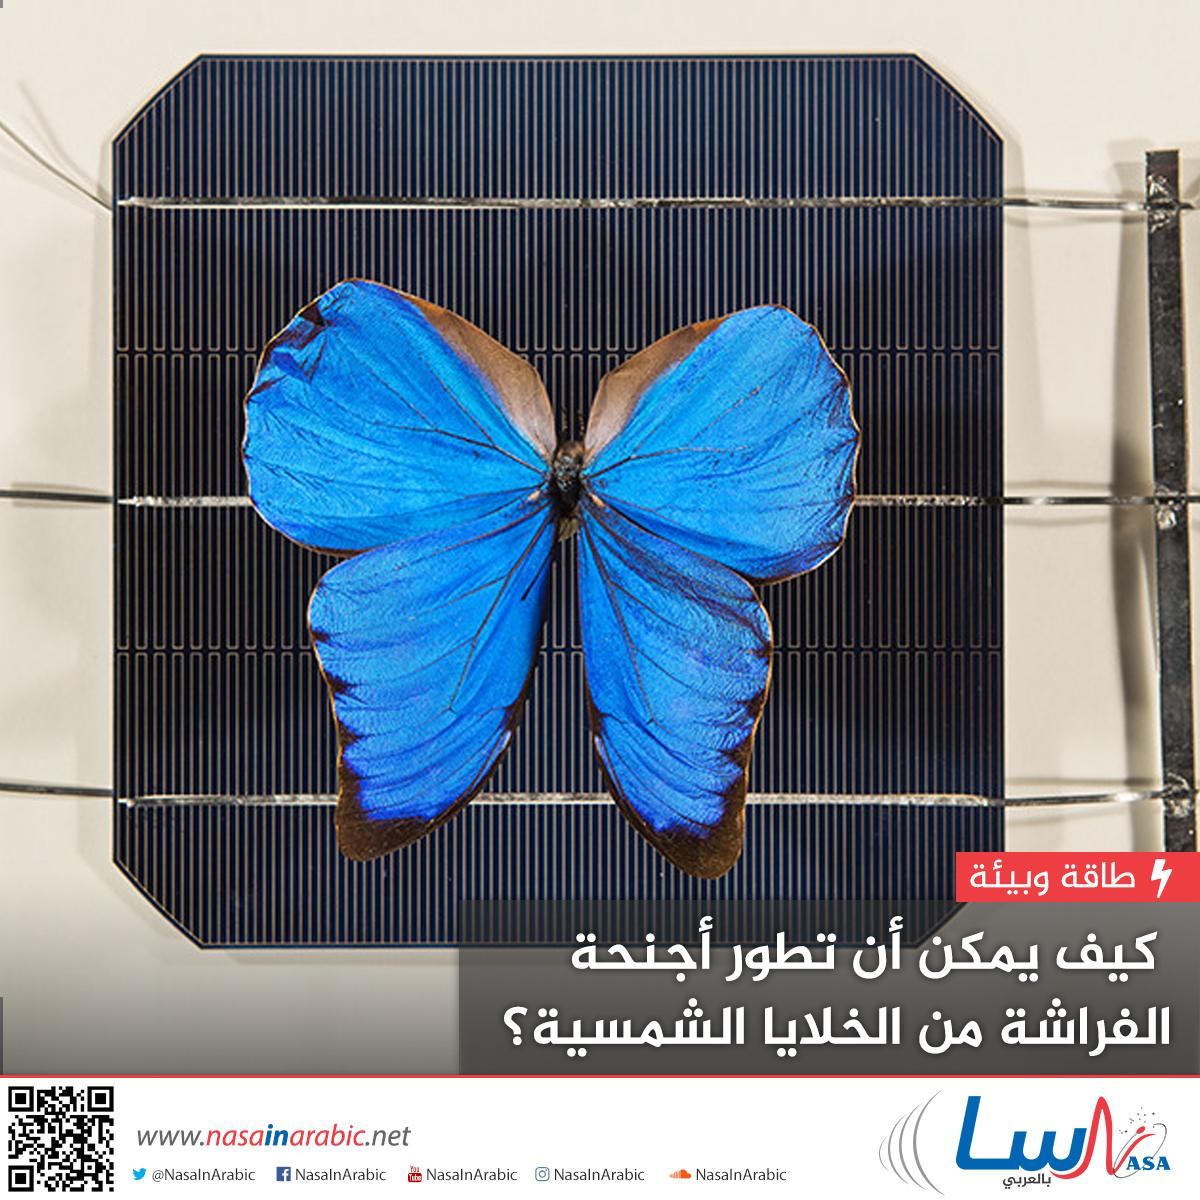 كيف يمكن أن تطور أجنحة الفراشة من الخلايا الشمسية؟